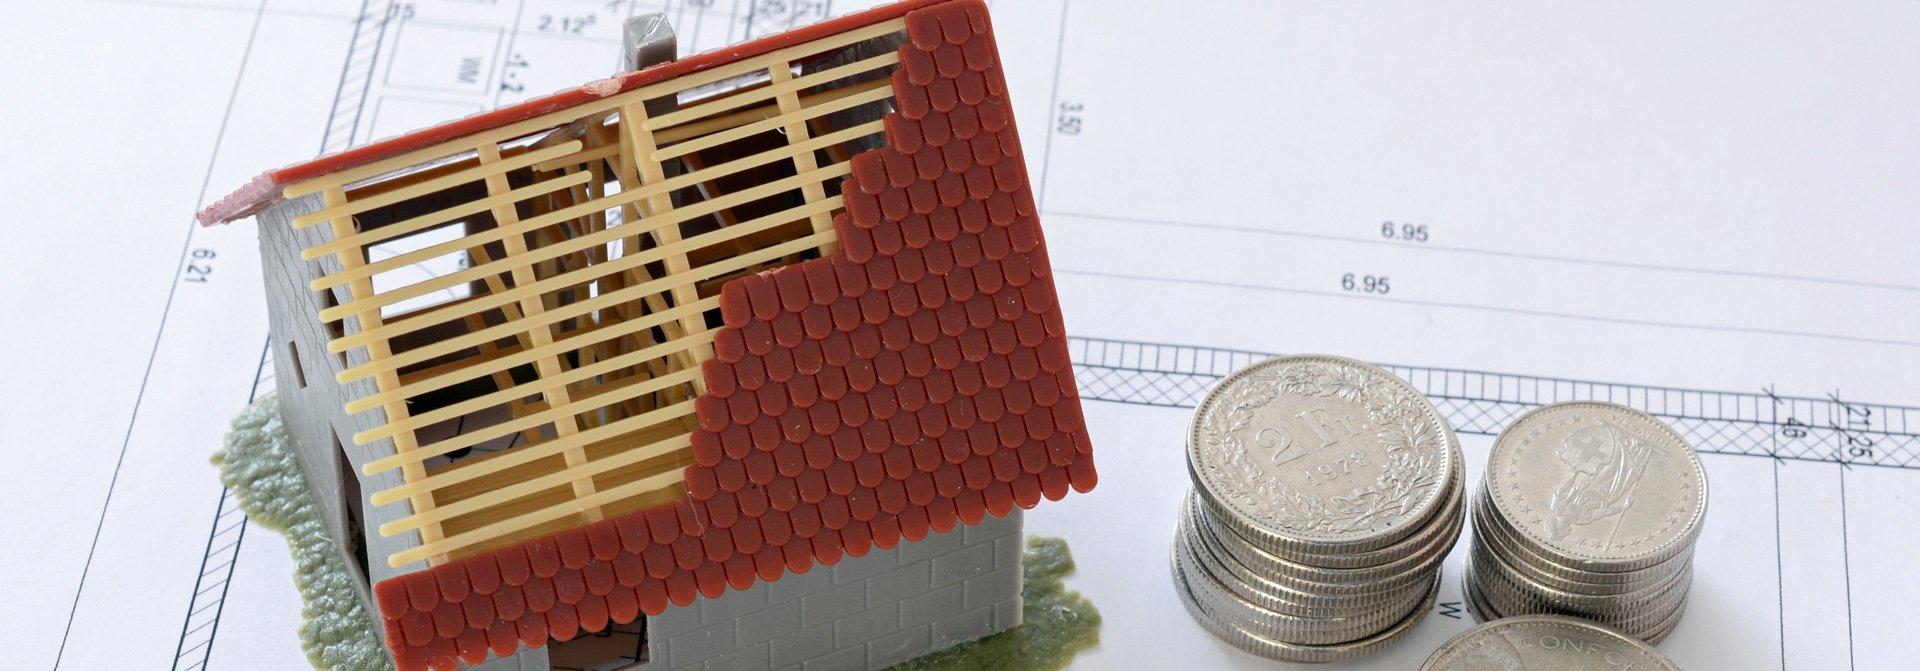 Modellhaus auf Bauplan mit Bargeld